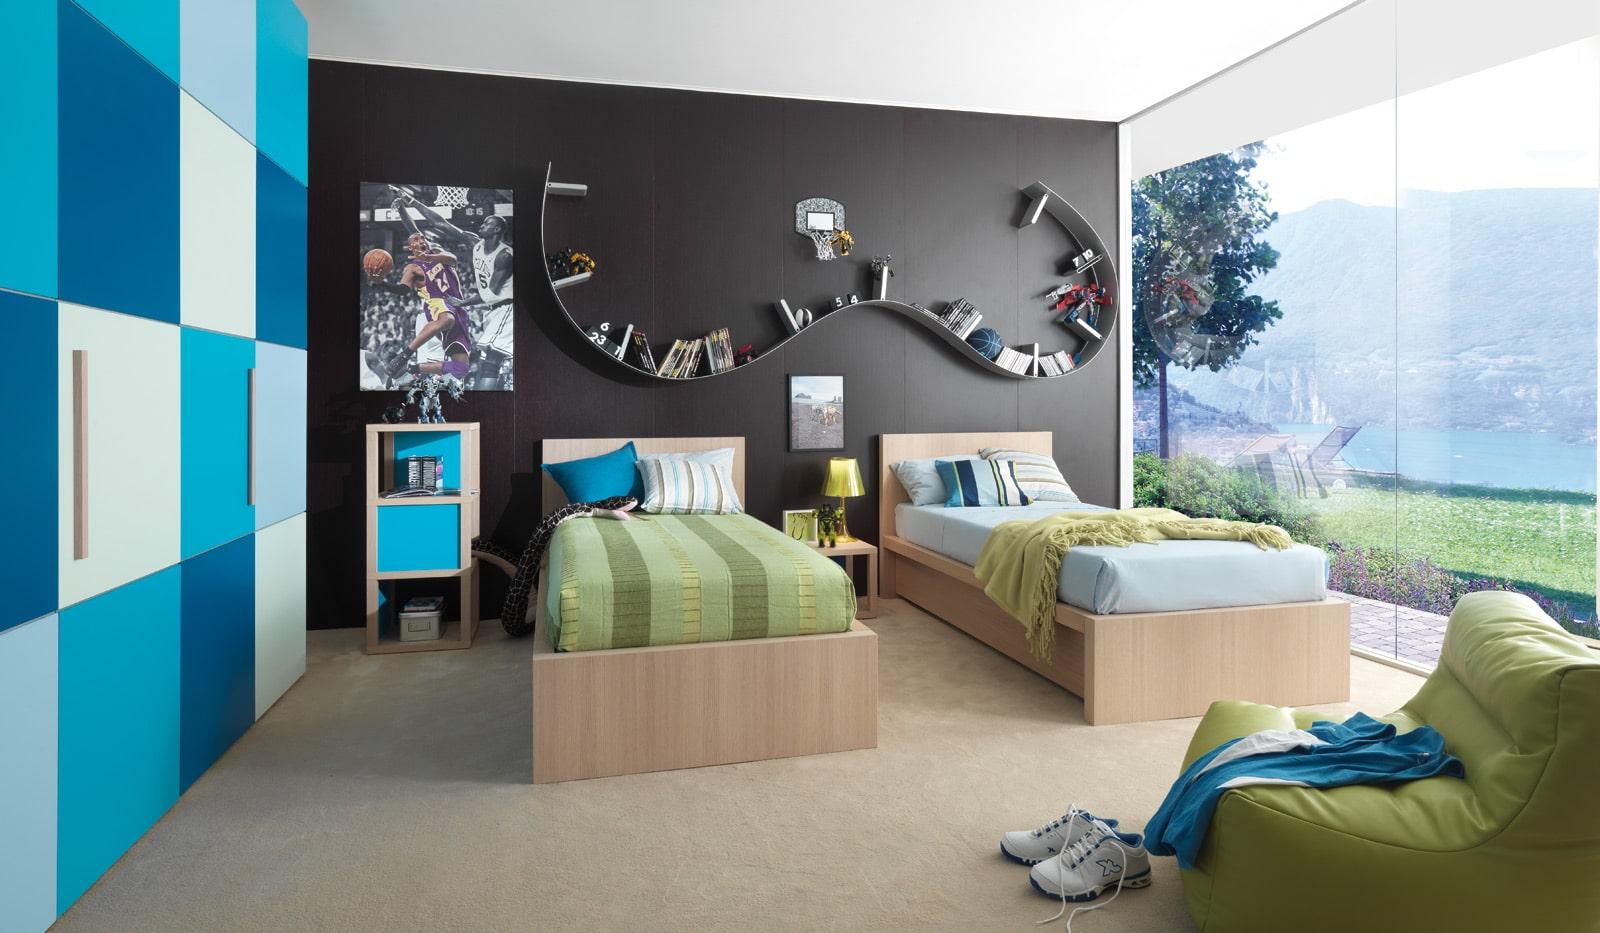 hochwertige kinderm bel und jugendm bel mit modernem design. Black Bedroom Furniture Sets. Home Design Ideas